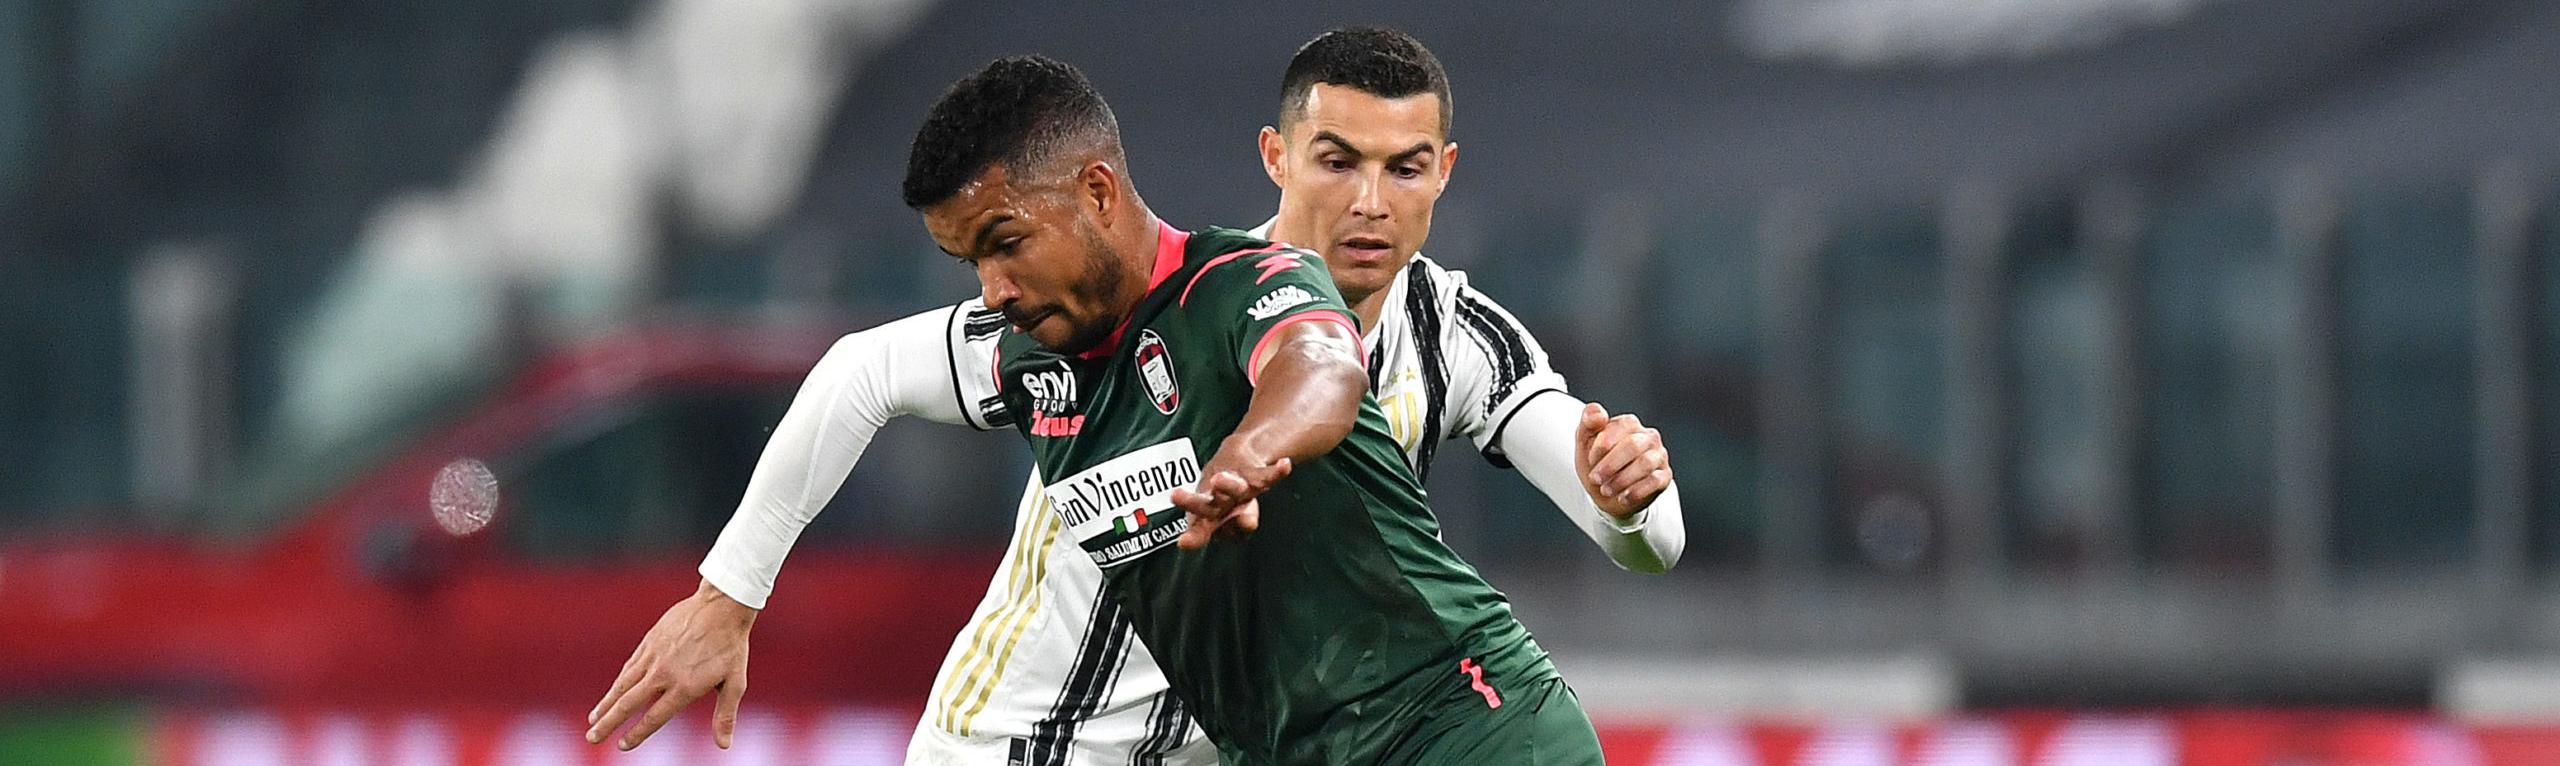 Quanto costa un gol in Serie A: da Ribery a Messias passando per CR7, i bomber più e meno convenienti